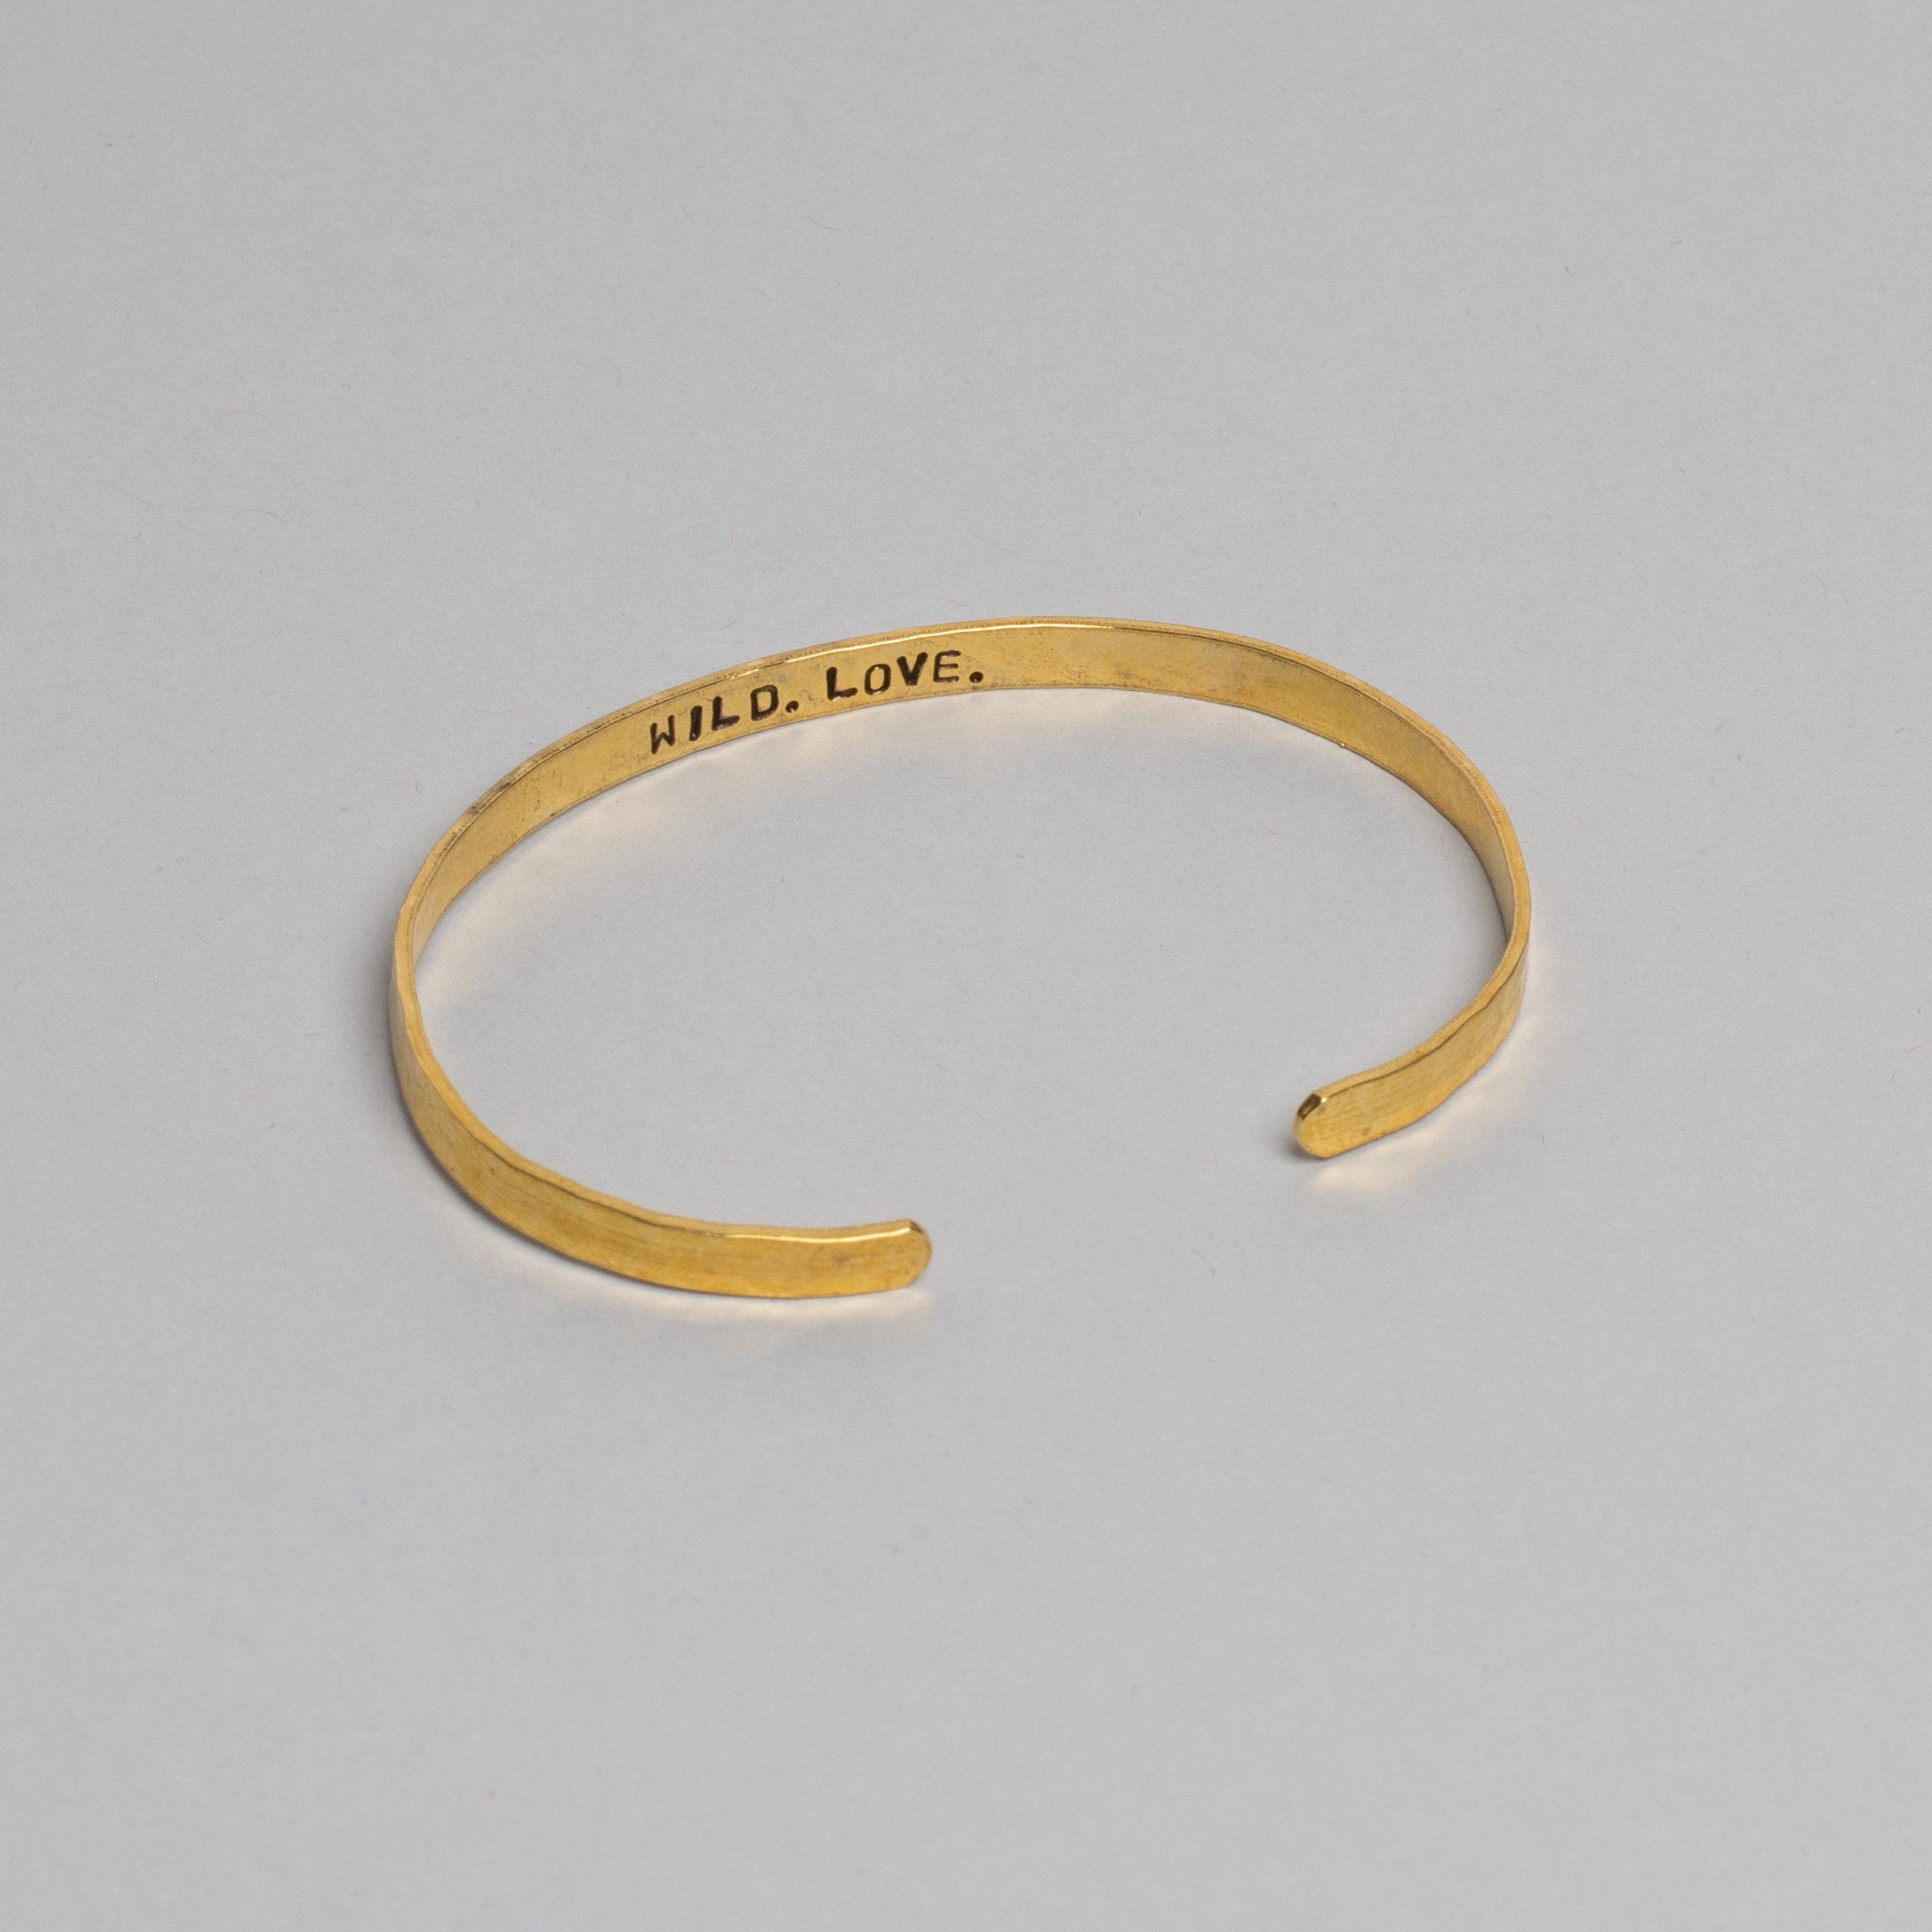 Heartward_bracelet_WildLove.jpg